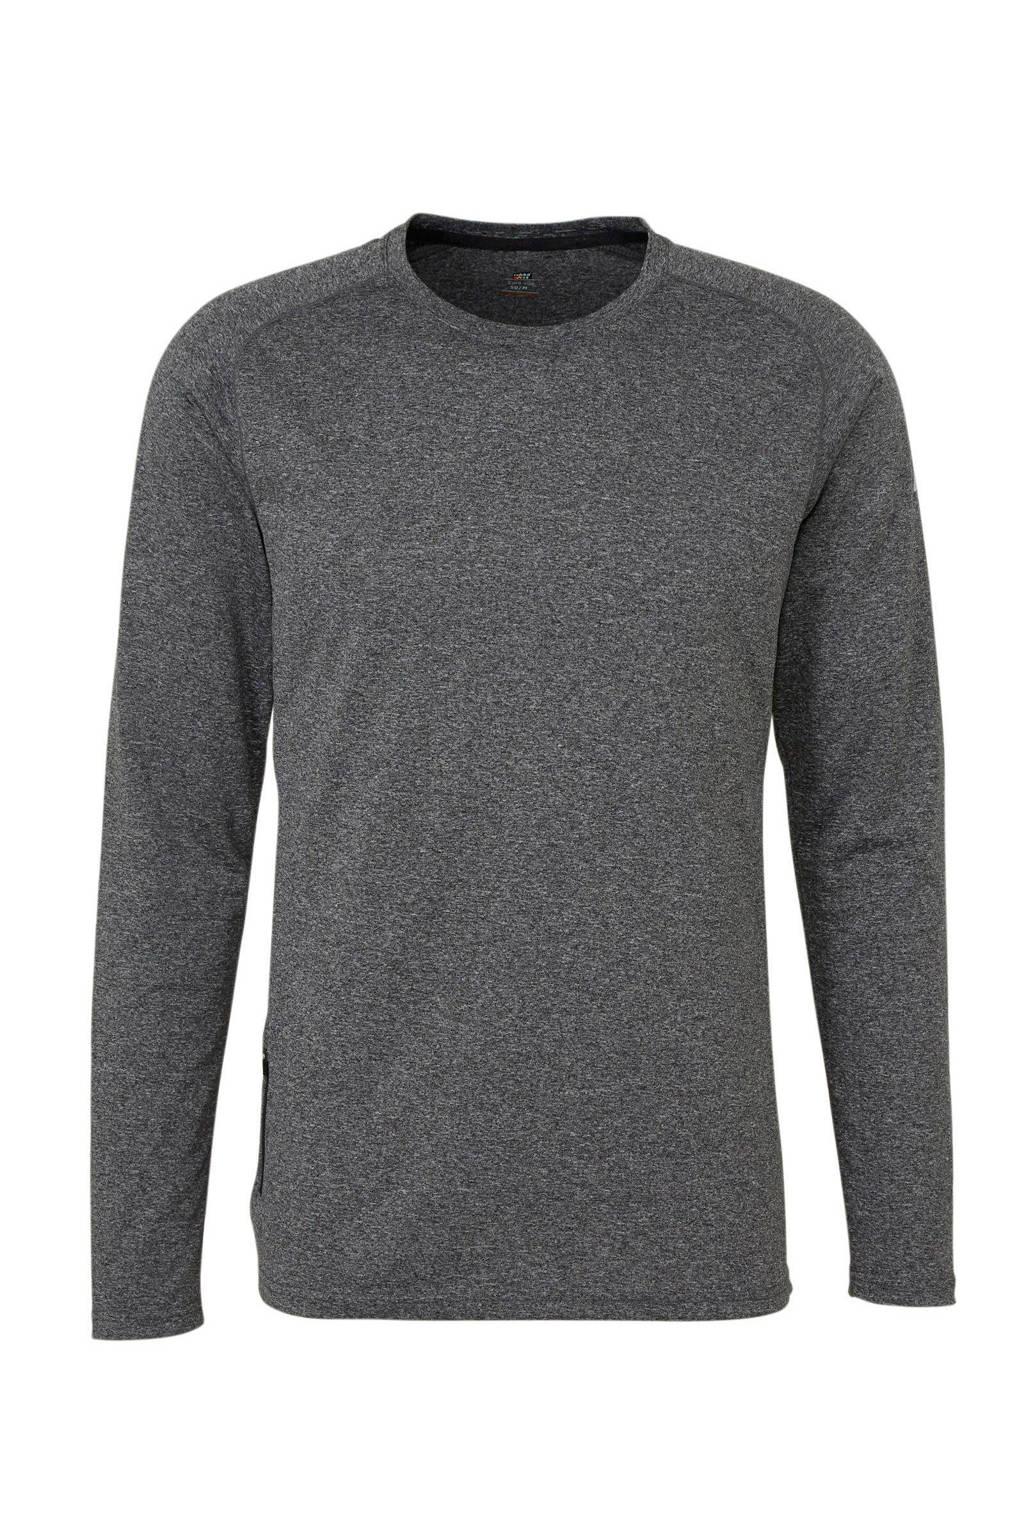 Rukka   hardloop T-shirt antraciet, Antraciet